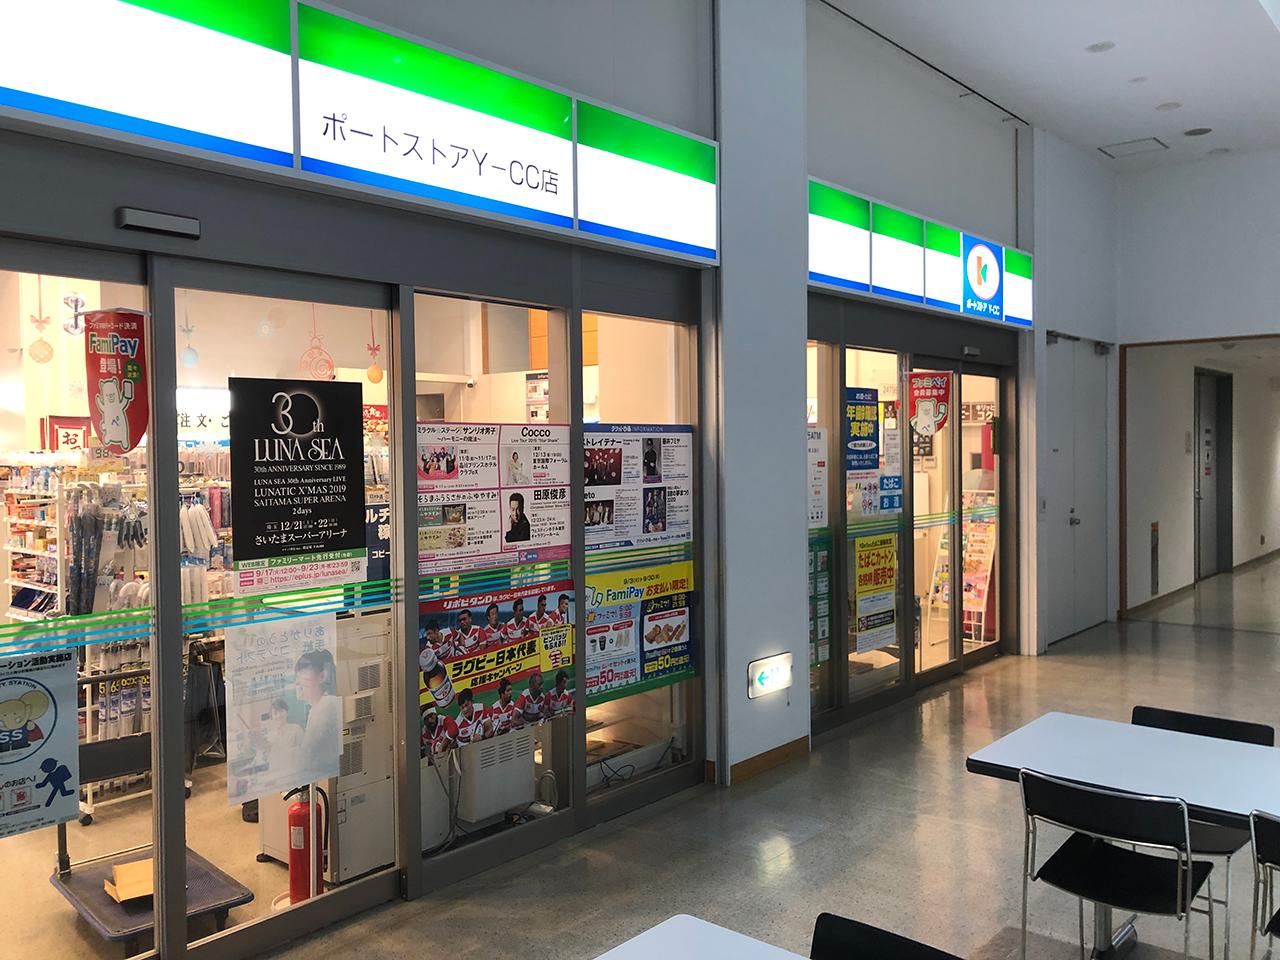 「横浜港国際流通センター(Y-CC)」のポートストア